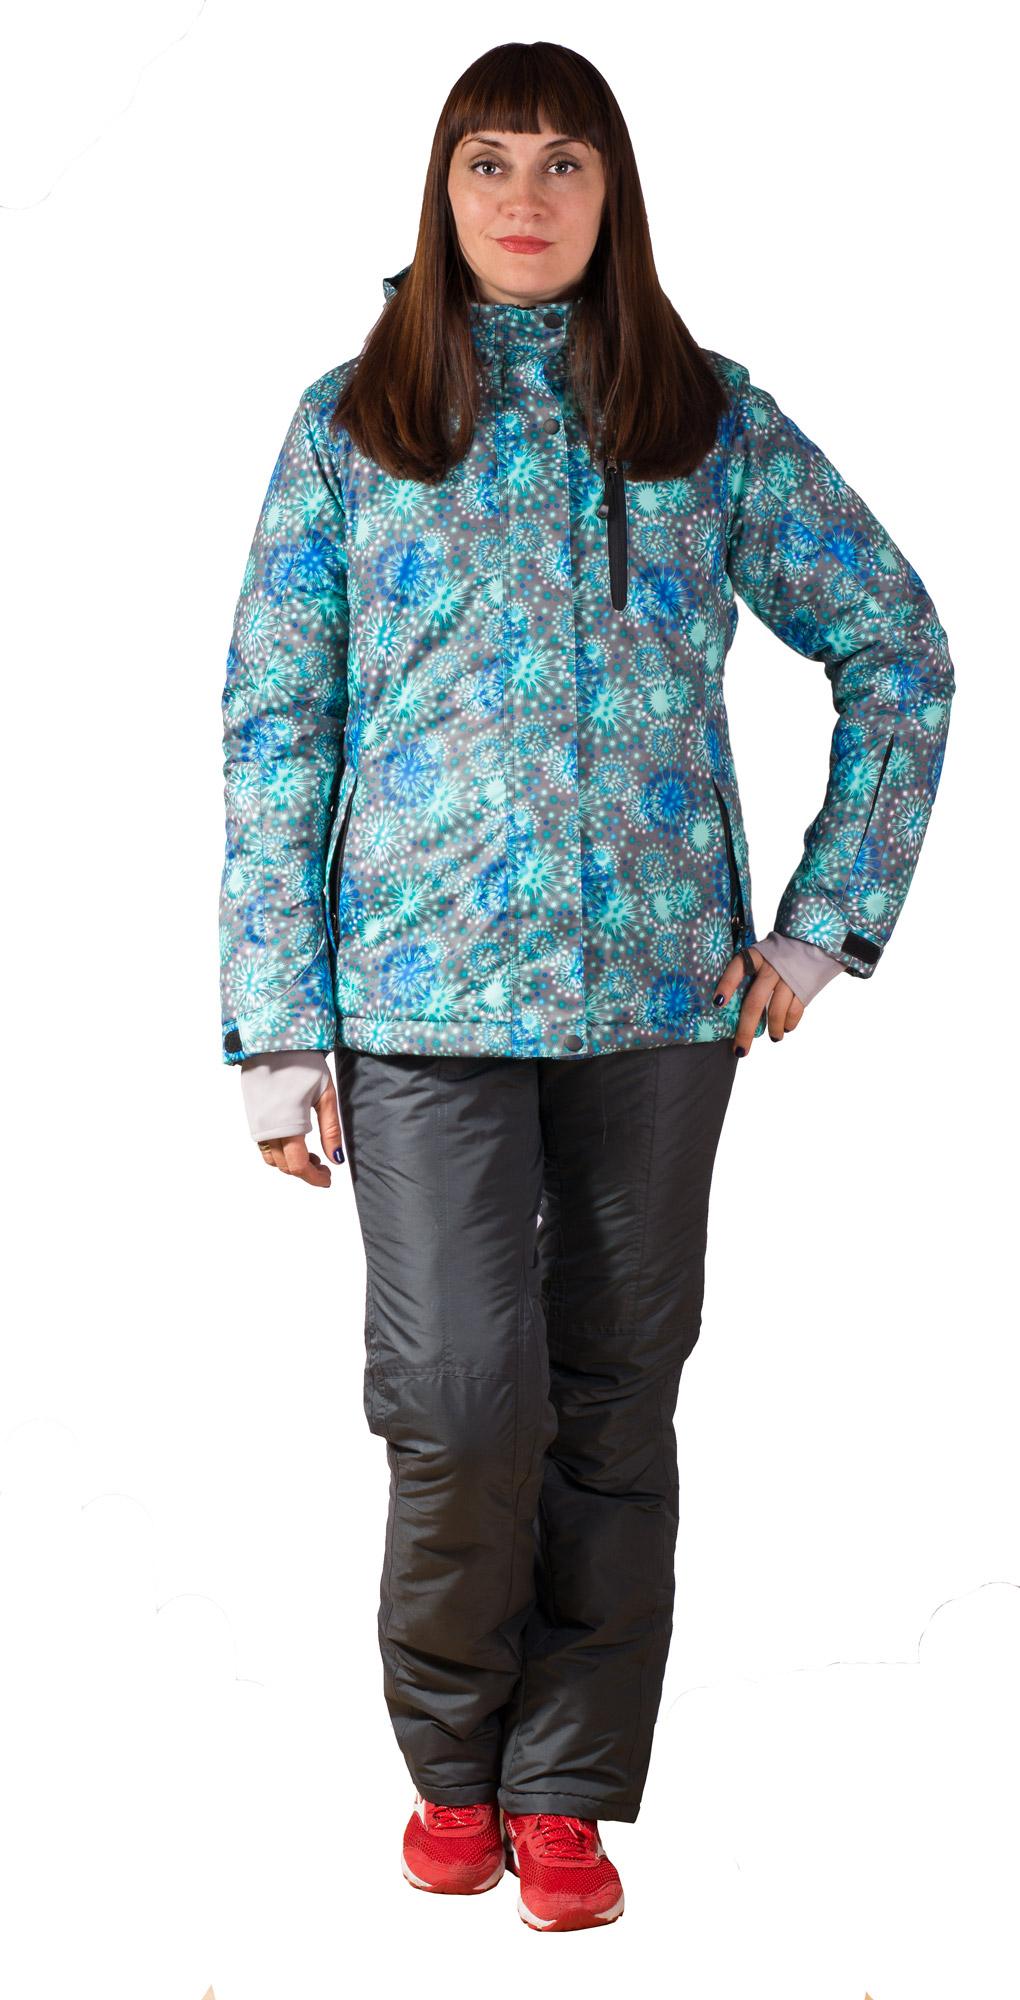 cfc477b7 СпортСоло-лучшая зимняя одежда.Стоп в понедельник — Клуб экономных ...